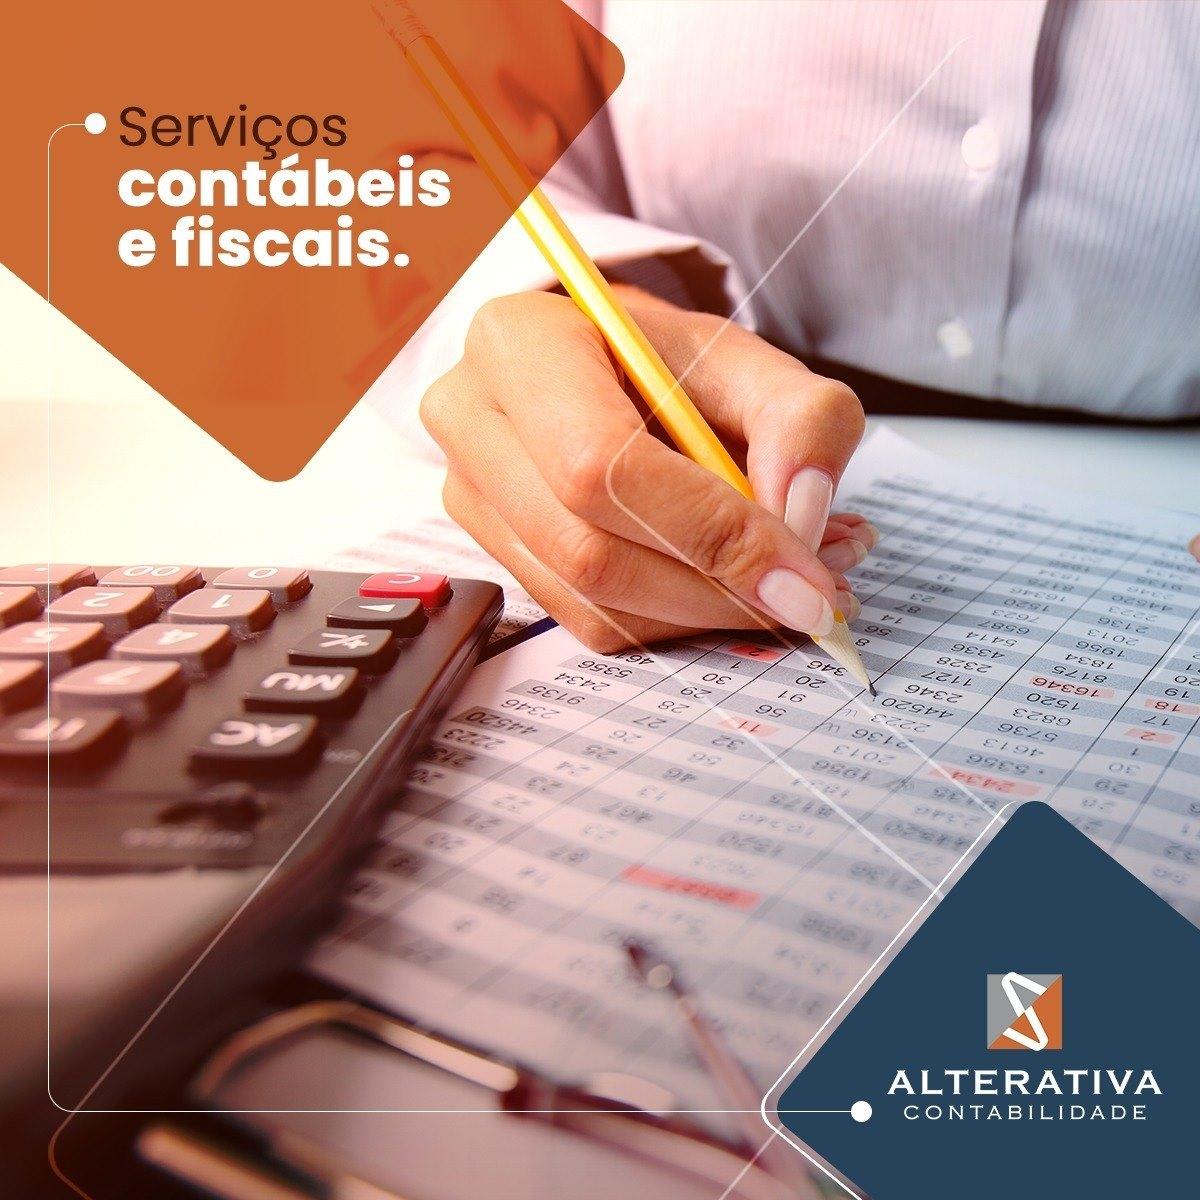 serviços contabeis e fiscais